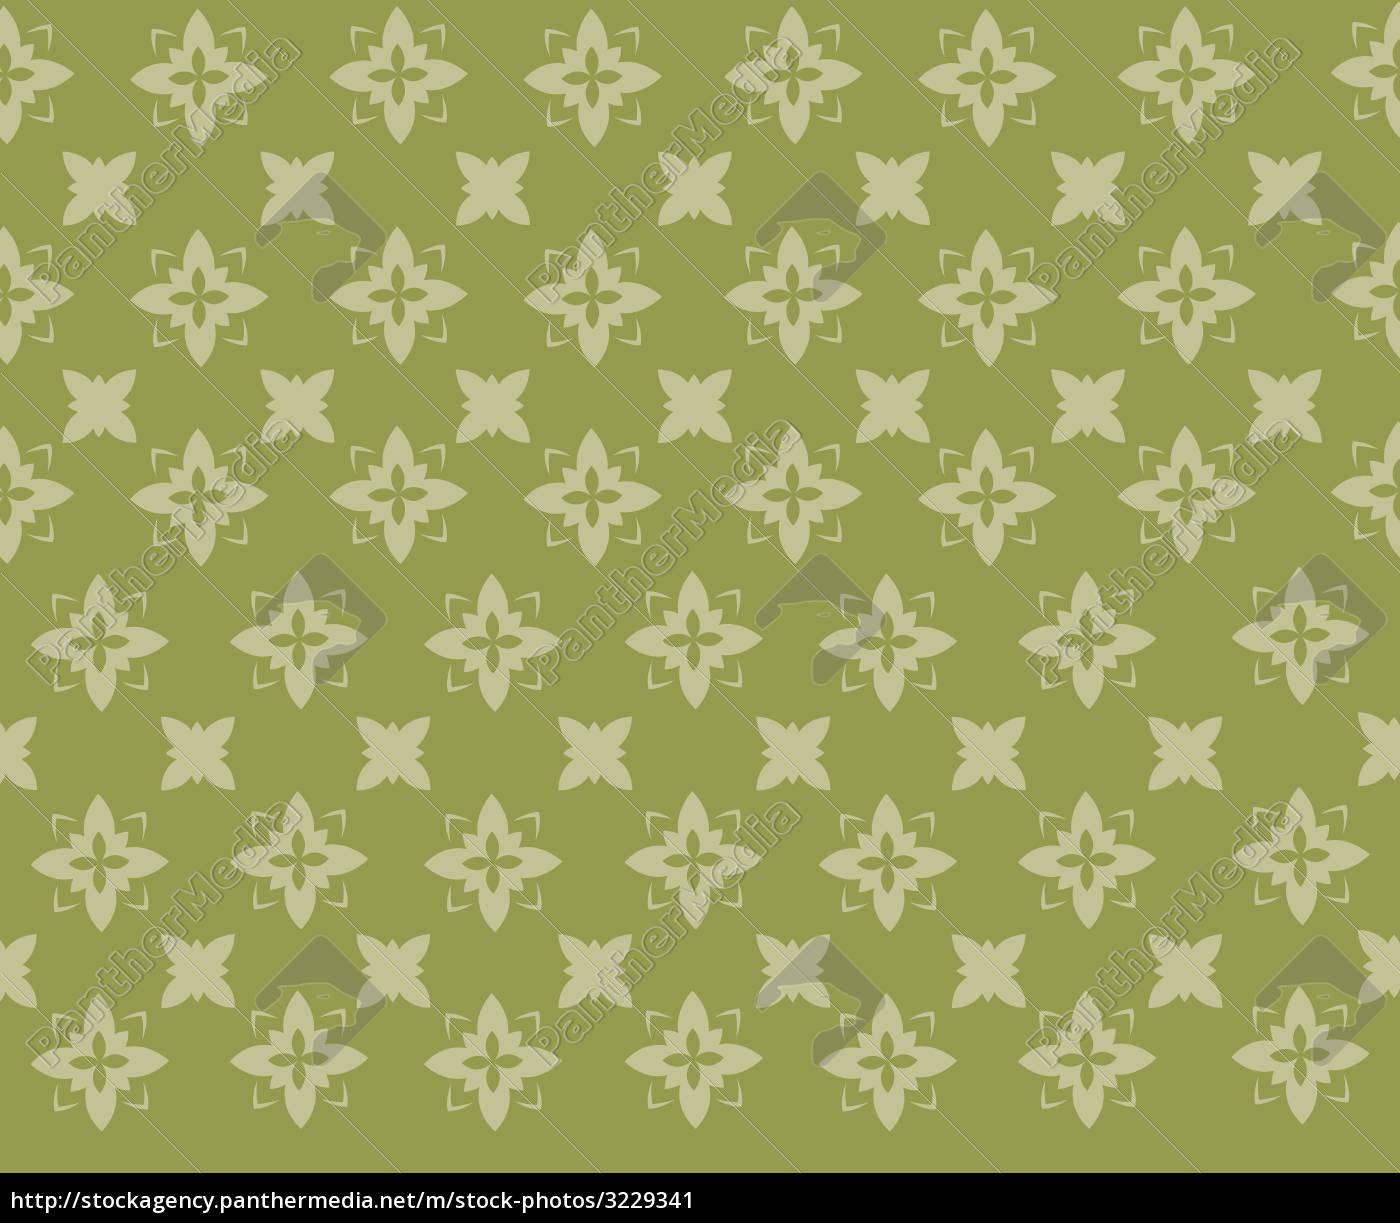 green, semless, fancy, pattern - 3229341